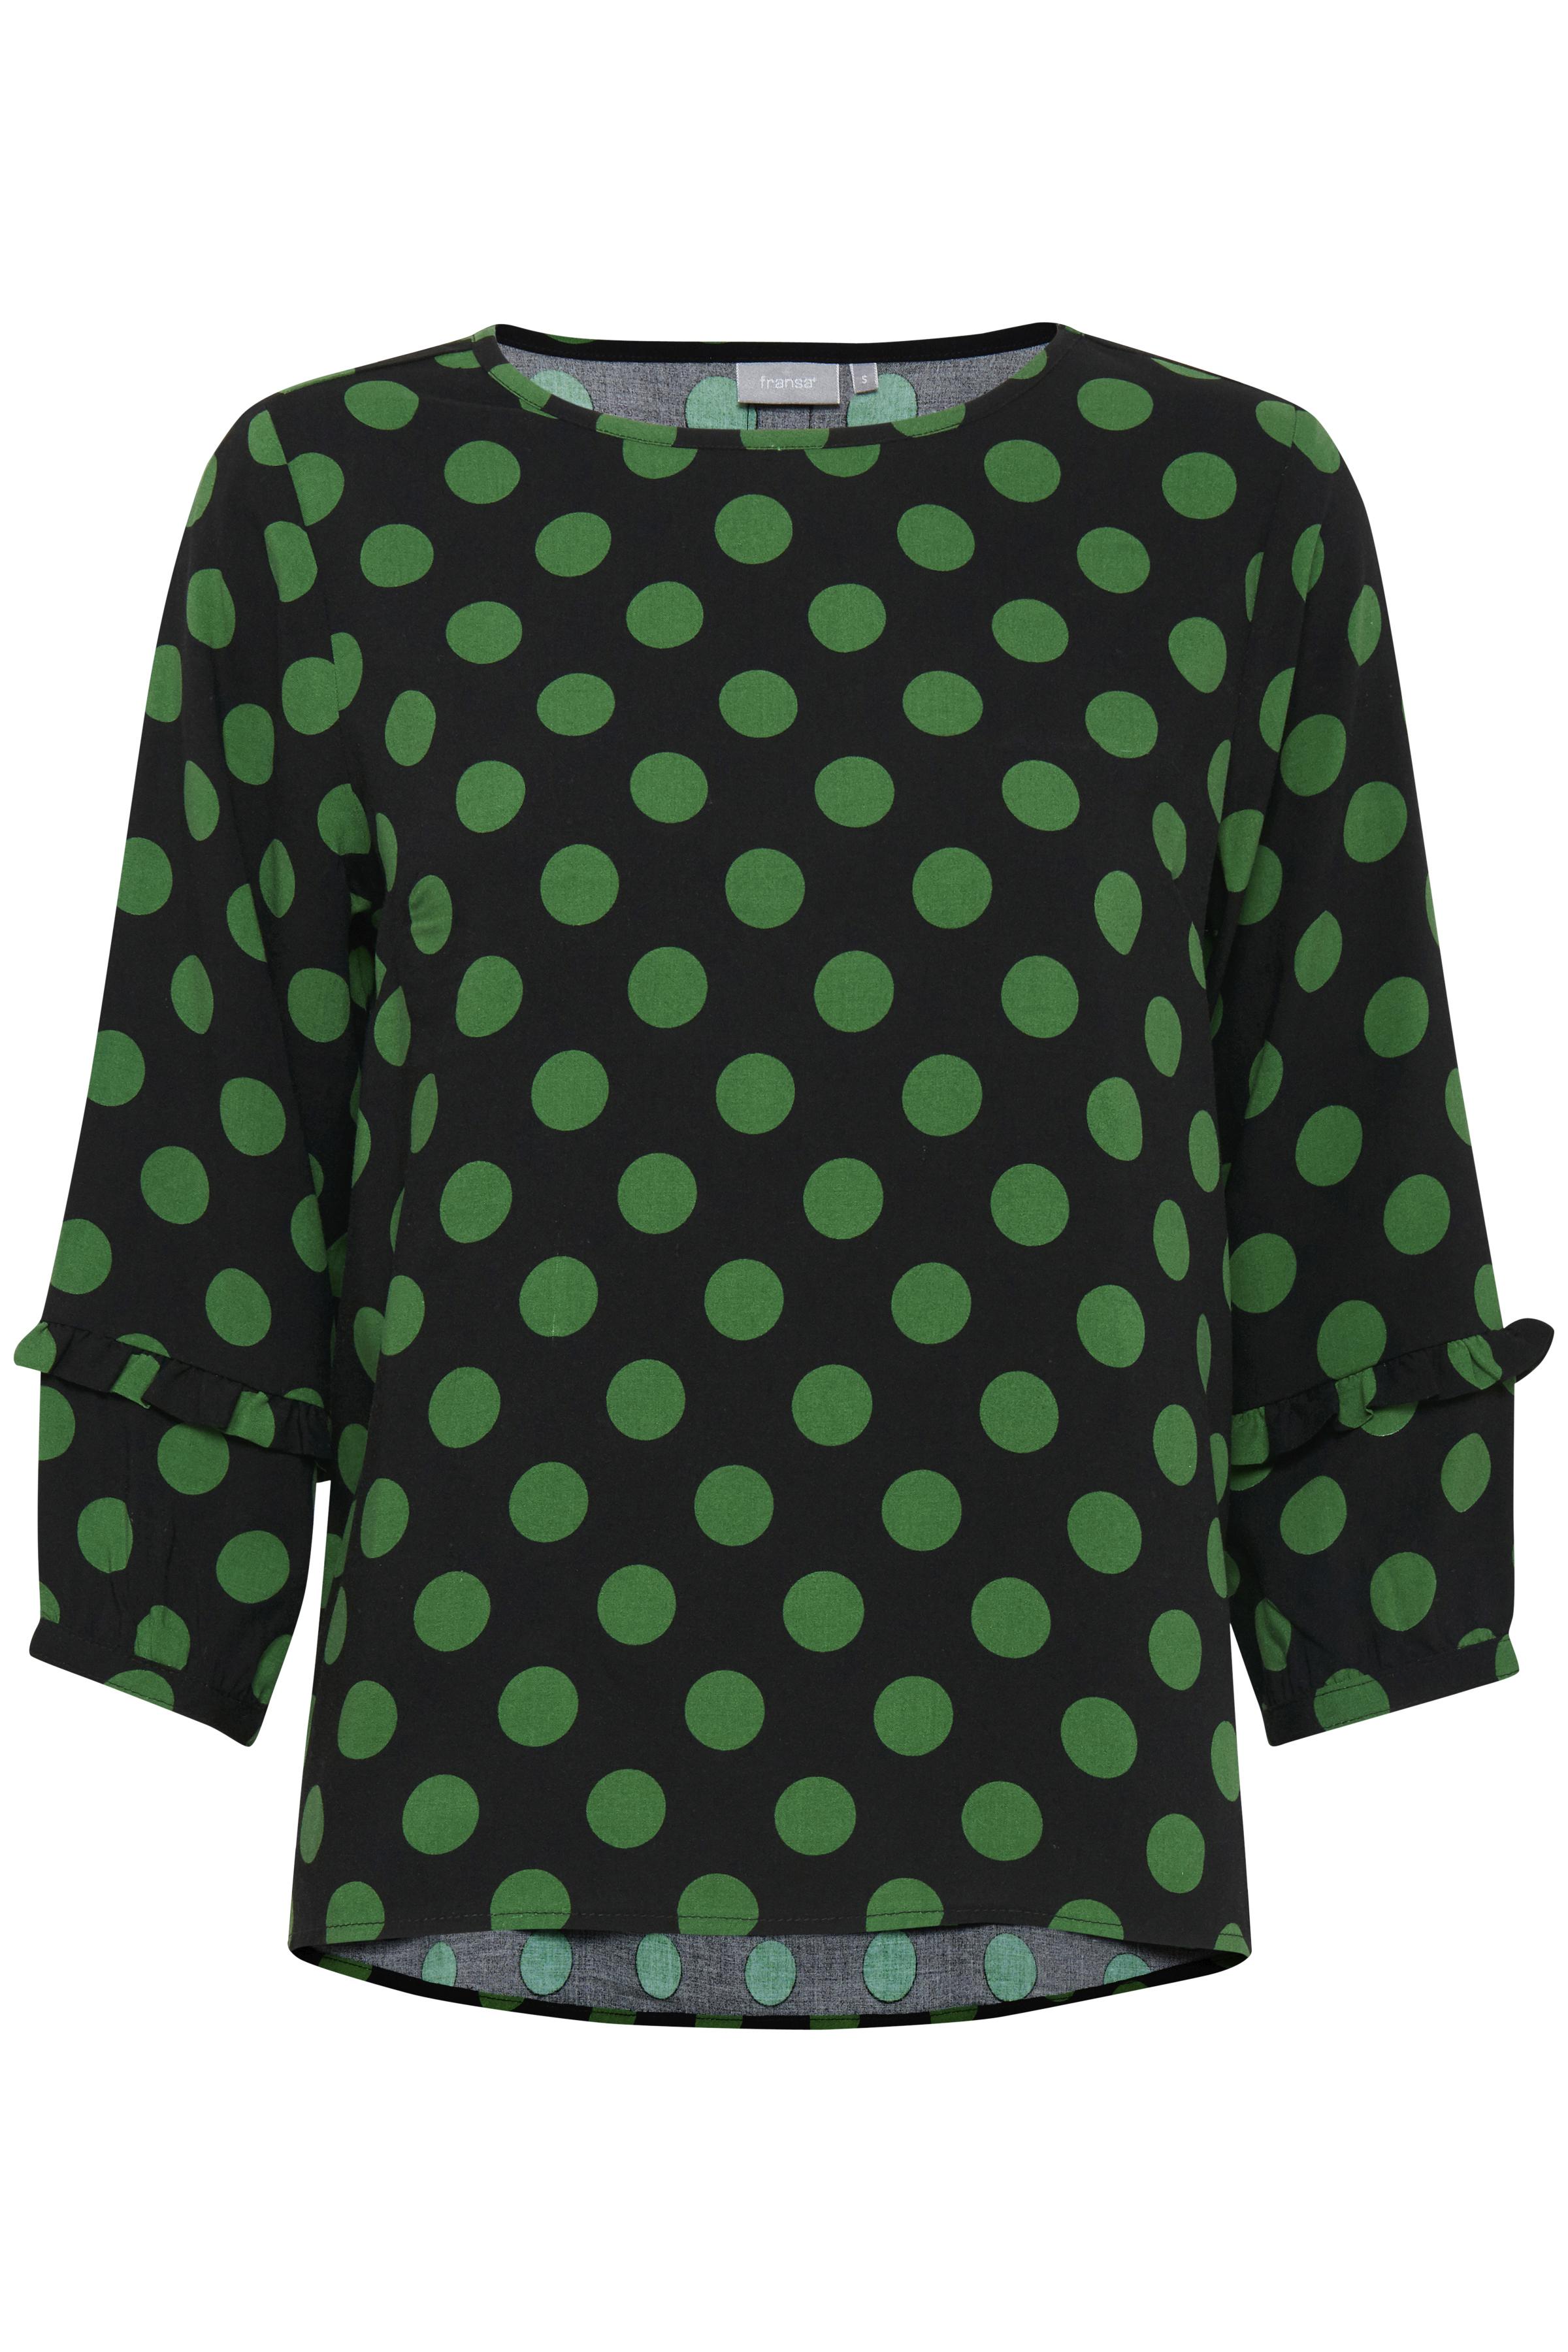 Schwarz/dunkelgrün